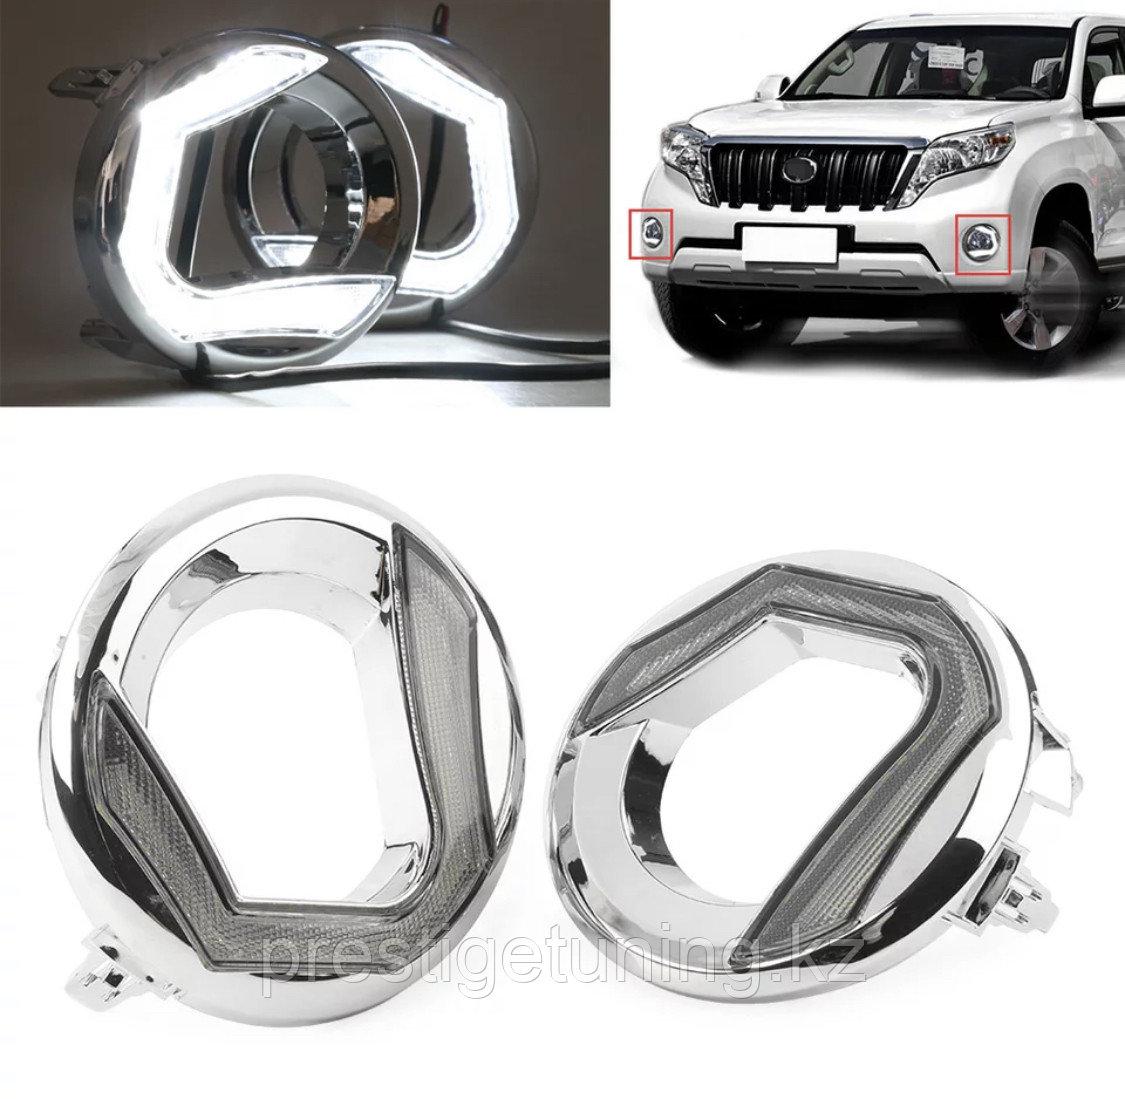 Дневные ходовые огни для Toyota Prado 150 2014-17